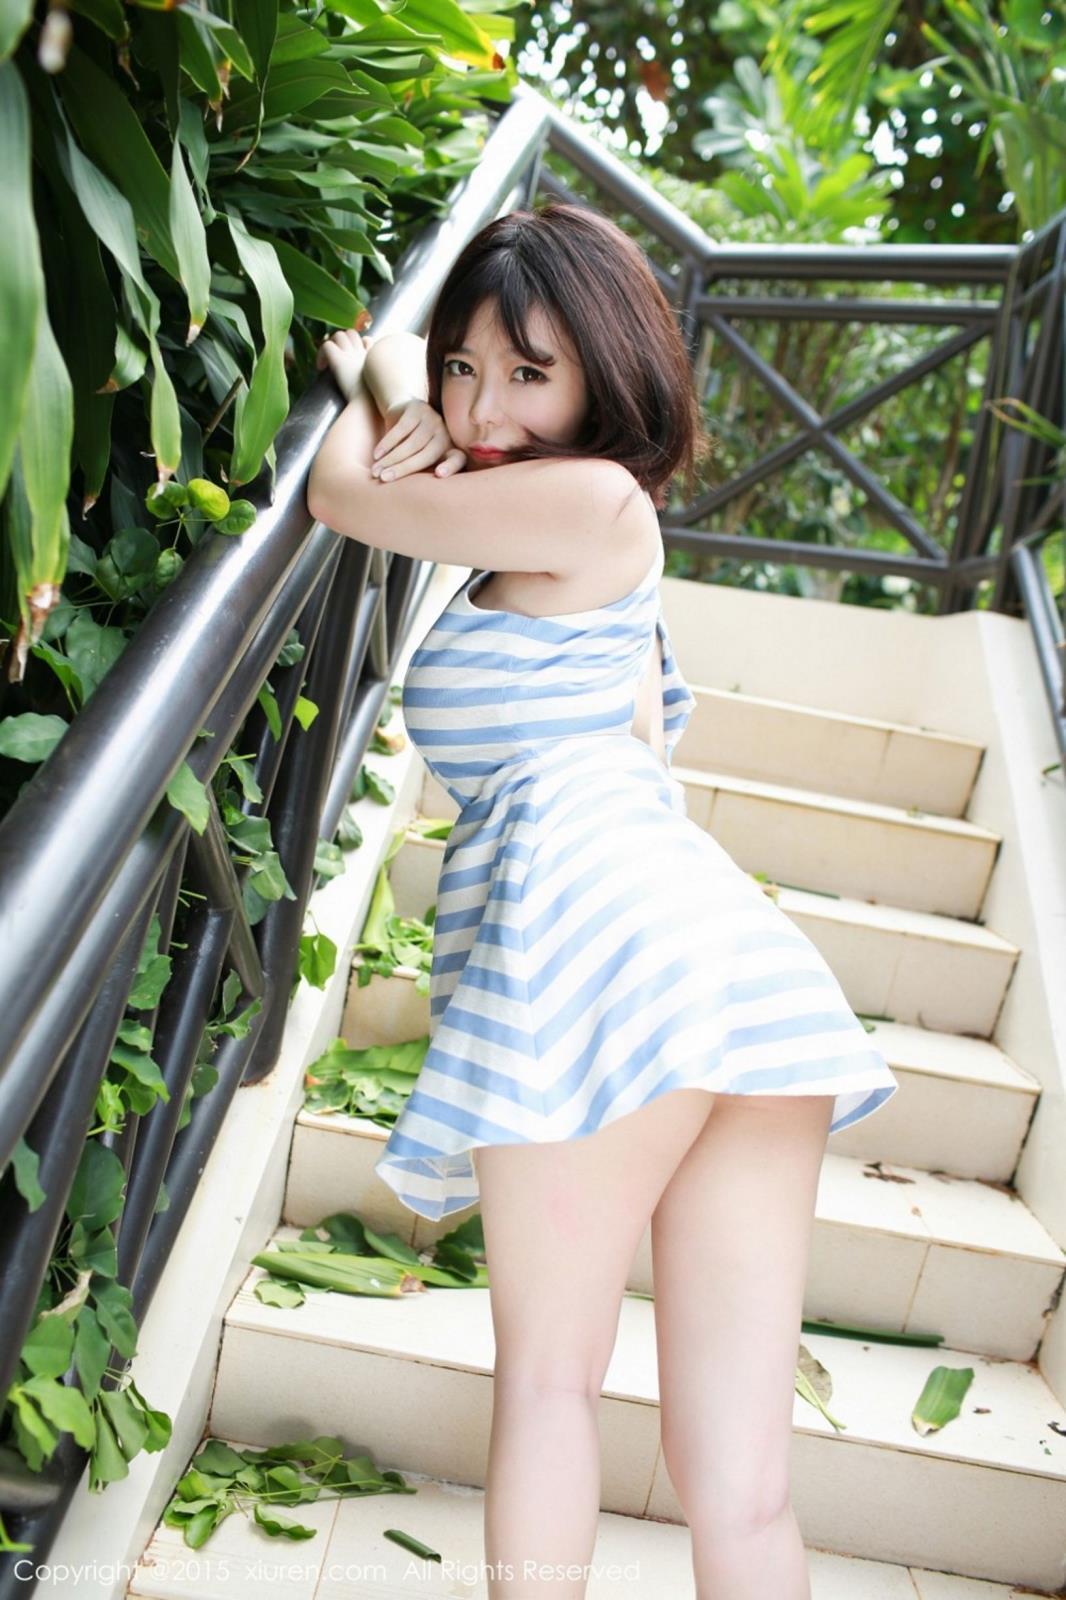 秀人网性感美女刘飞儿Faye白纱巨乳大尺度菲律宾旅拍